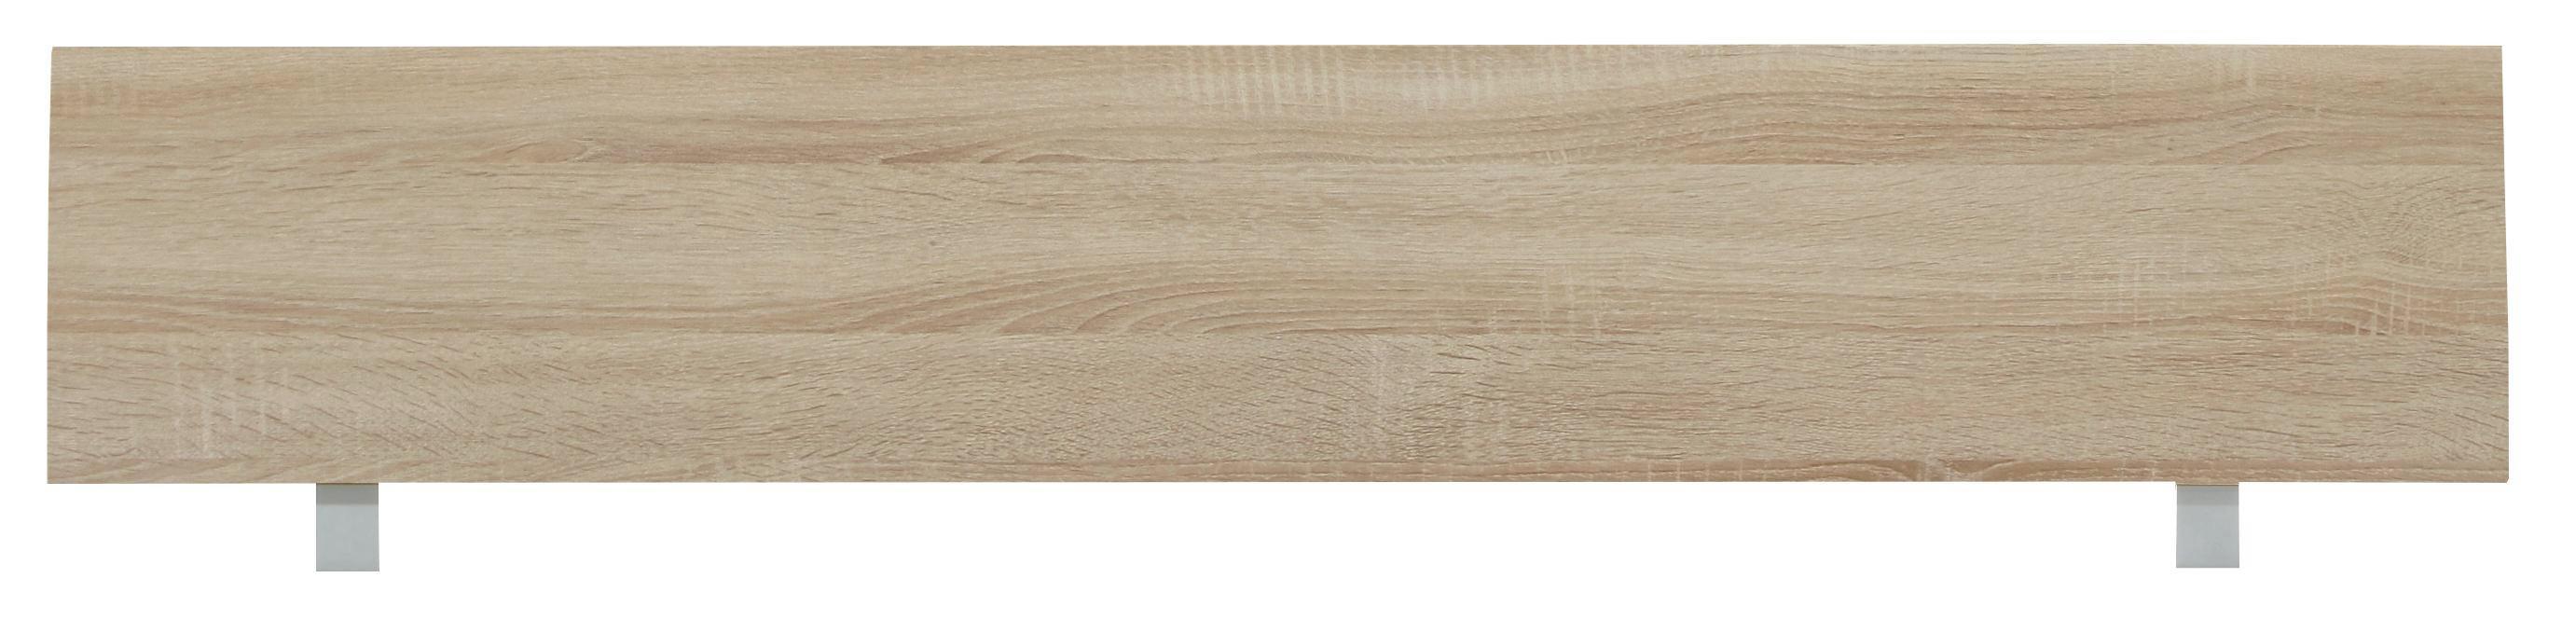 Záhlavie Belia - Konvenčný, drevo (160cm)